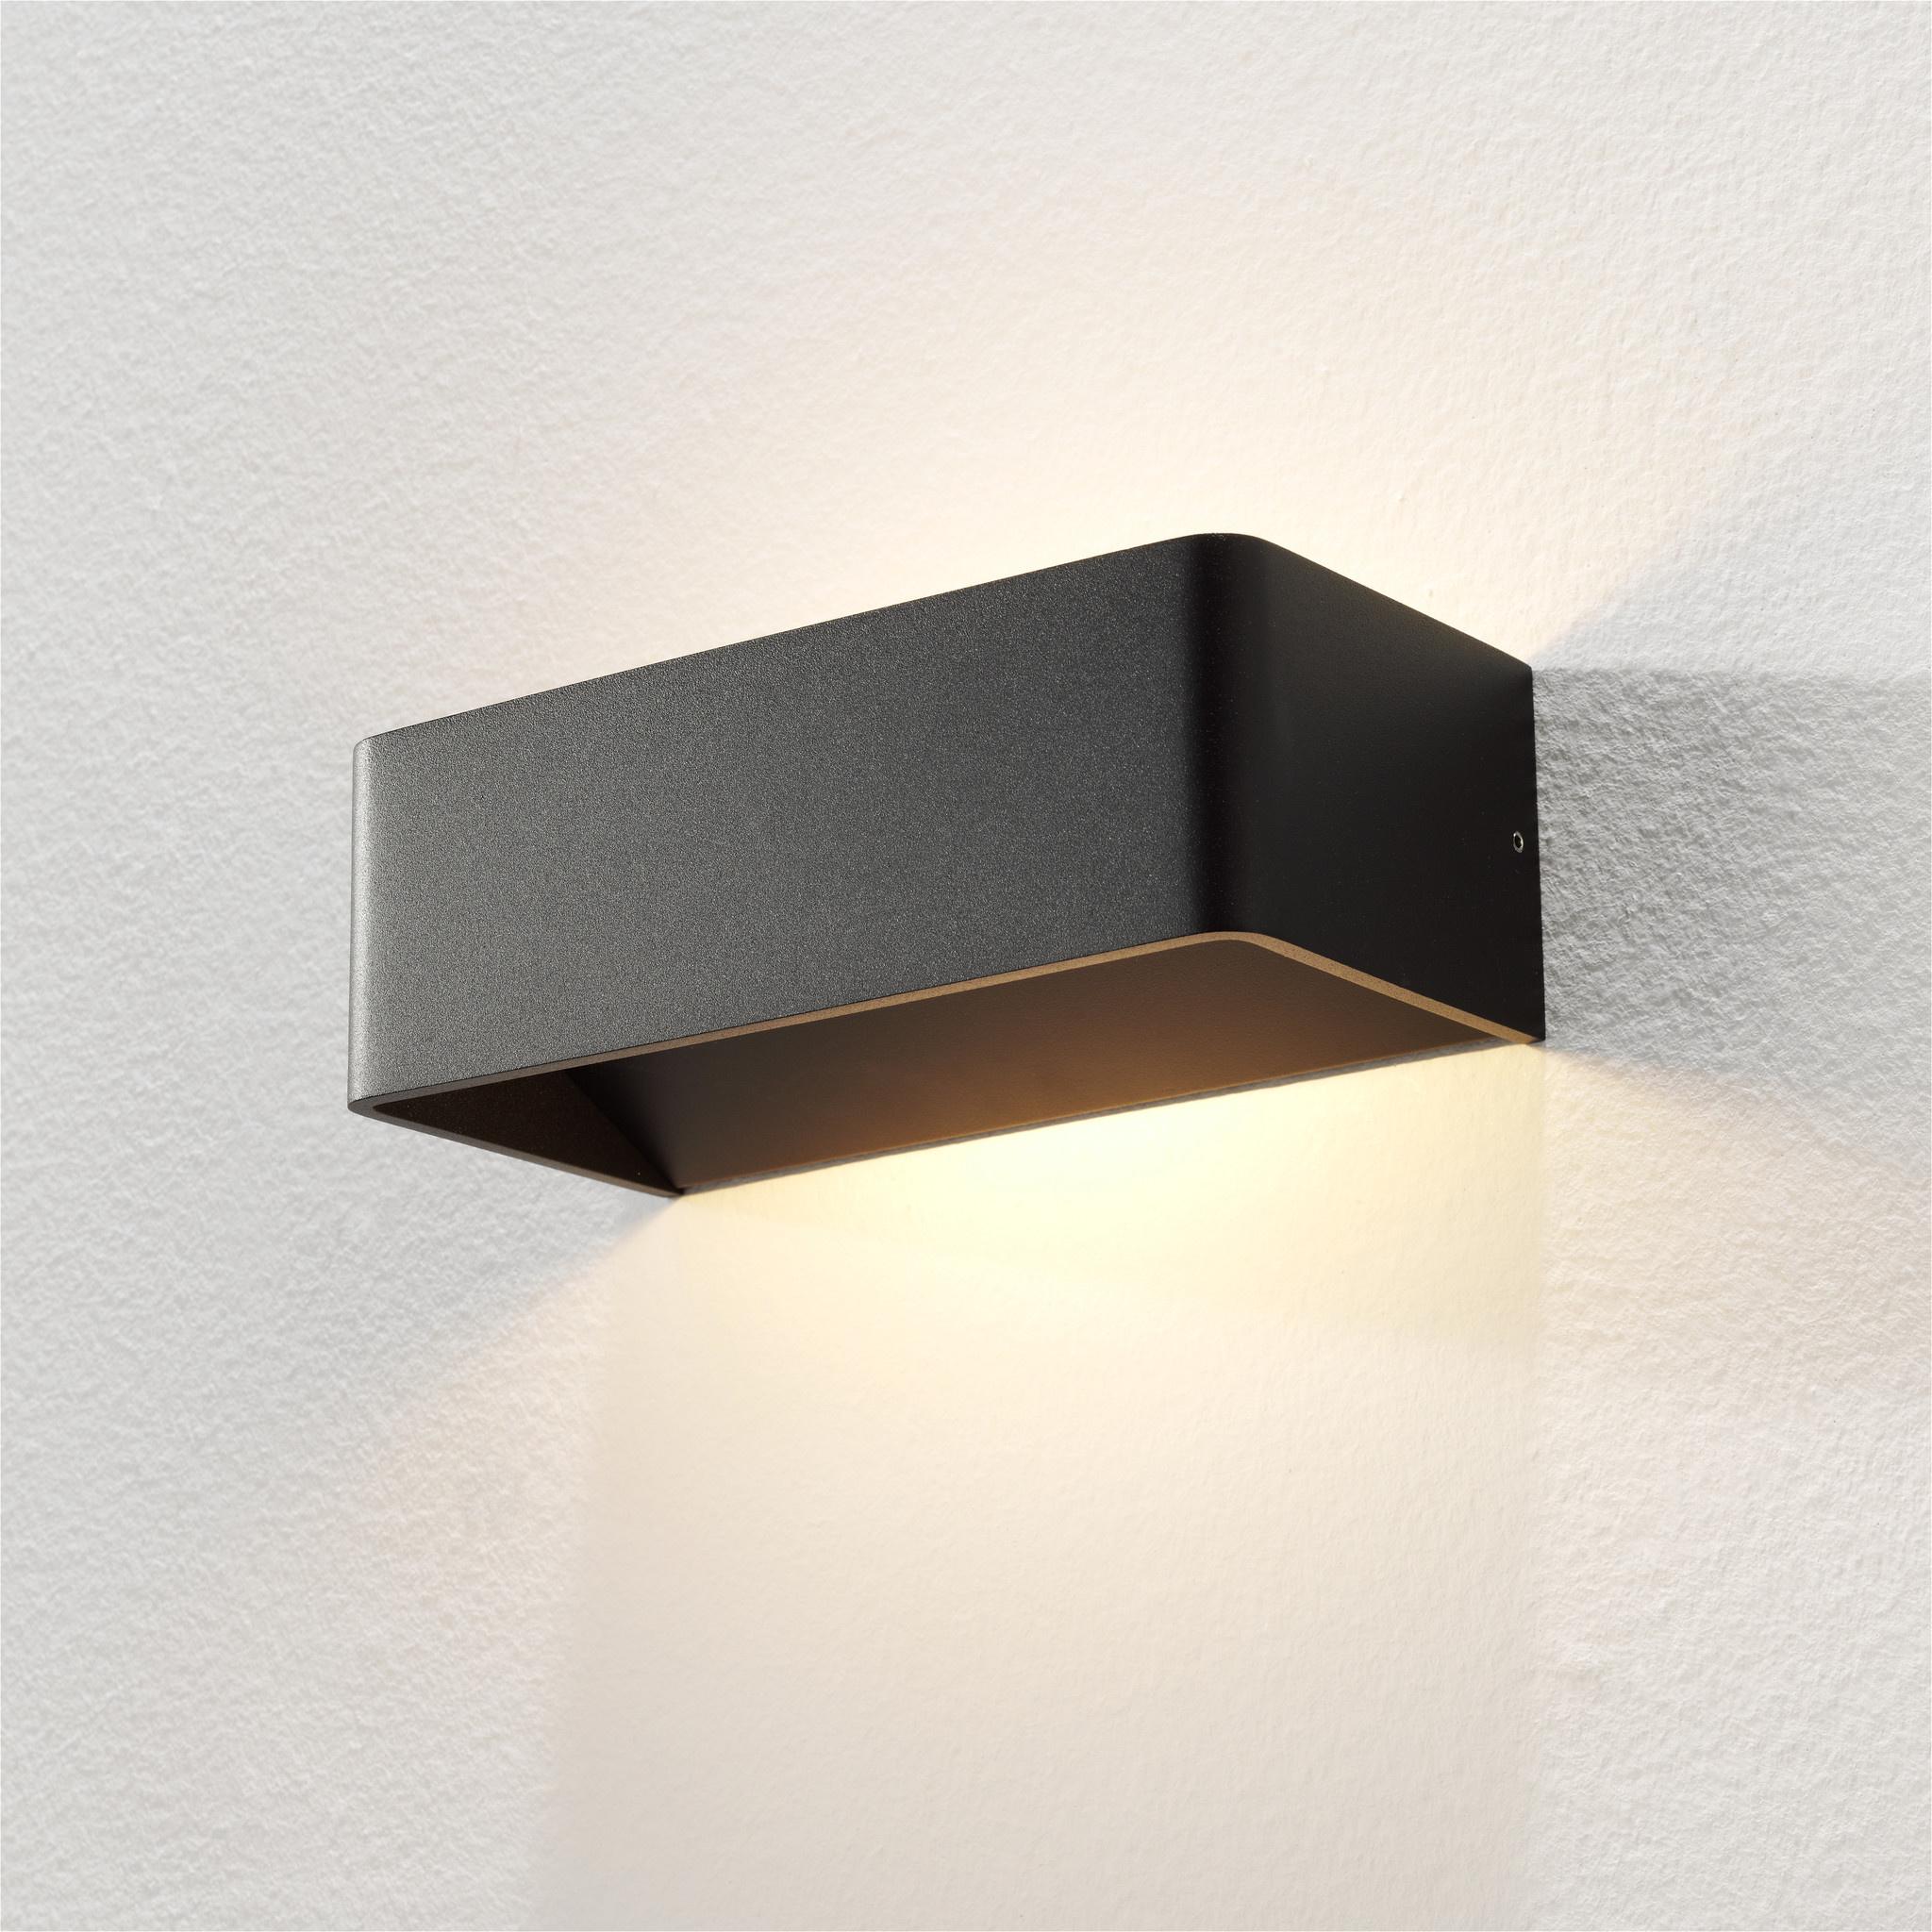 Artdelight Wandlamp Mainz 20 x 7 cm zwart